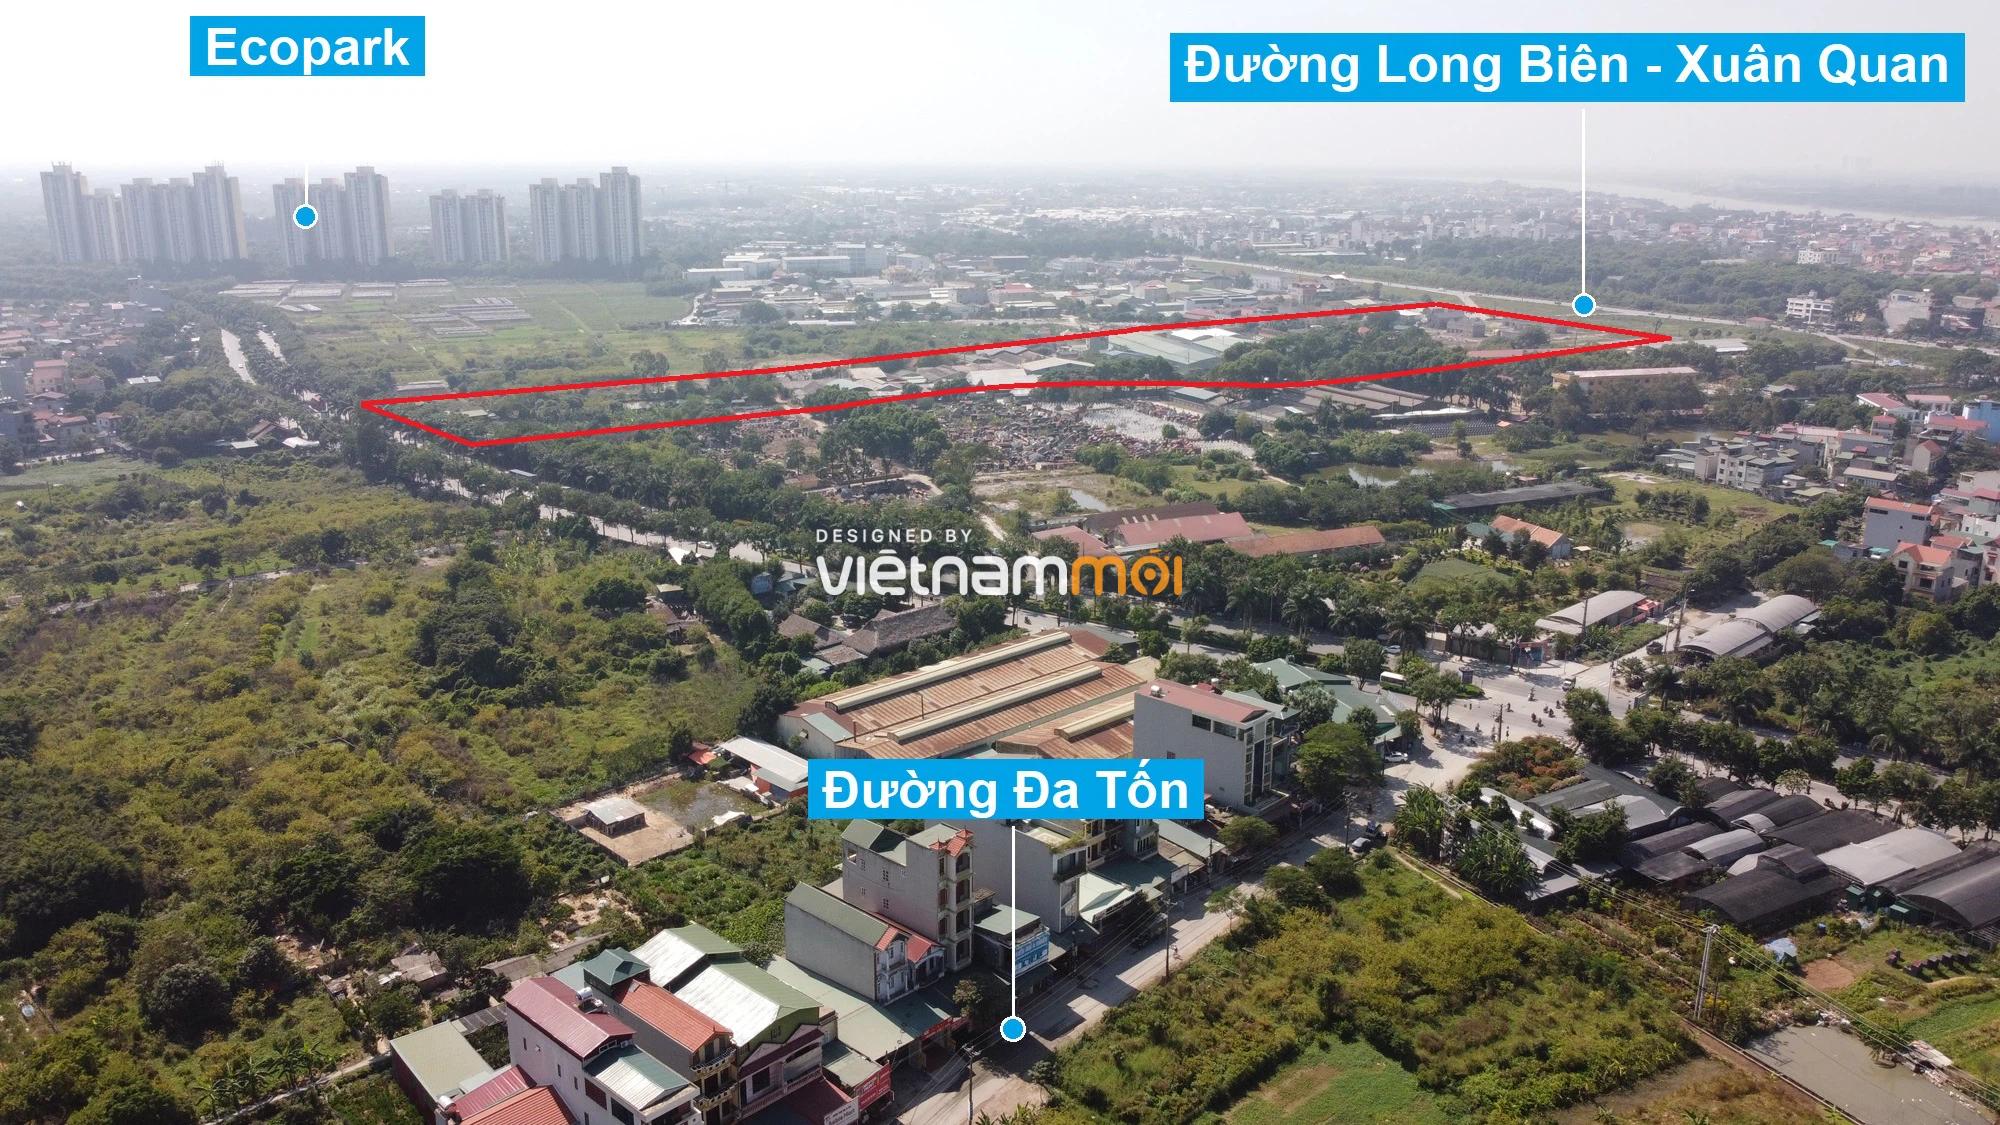 Gia Lâm lấy ý kiến về hai dự án công viên cây xanh ở Đình Xuyên và Đa Tốn - Ảnh 3.